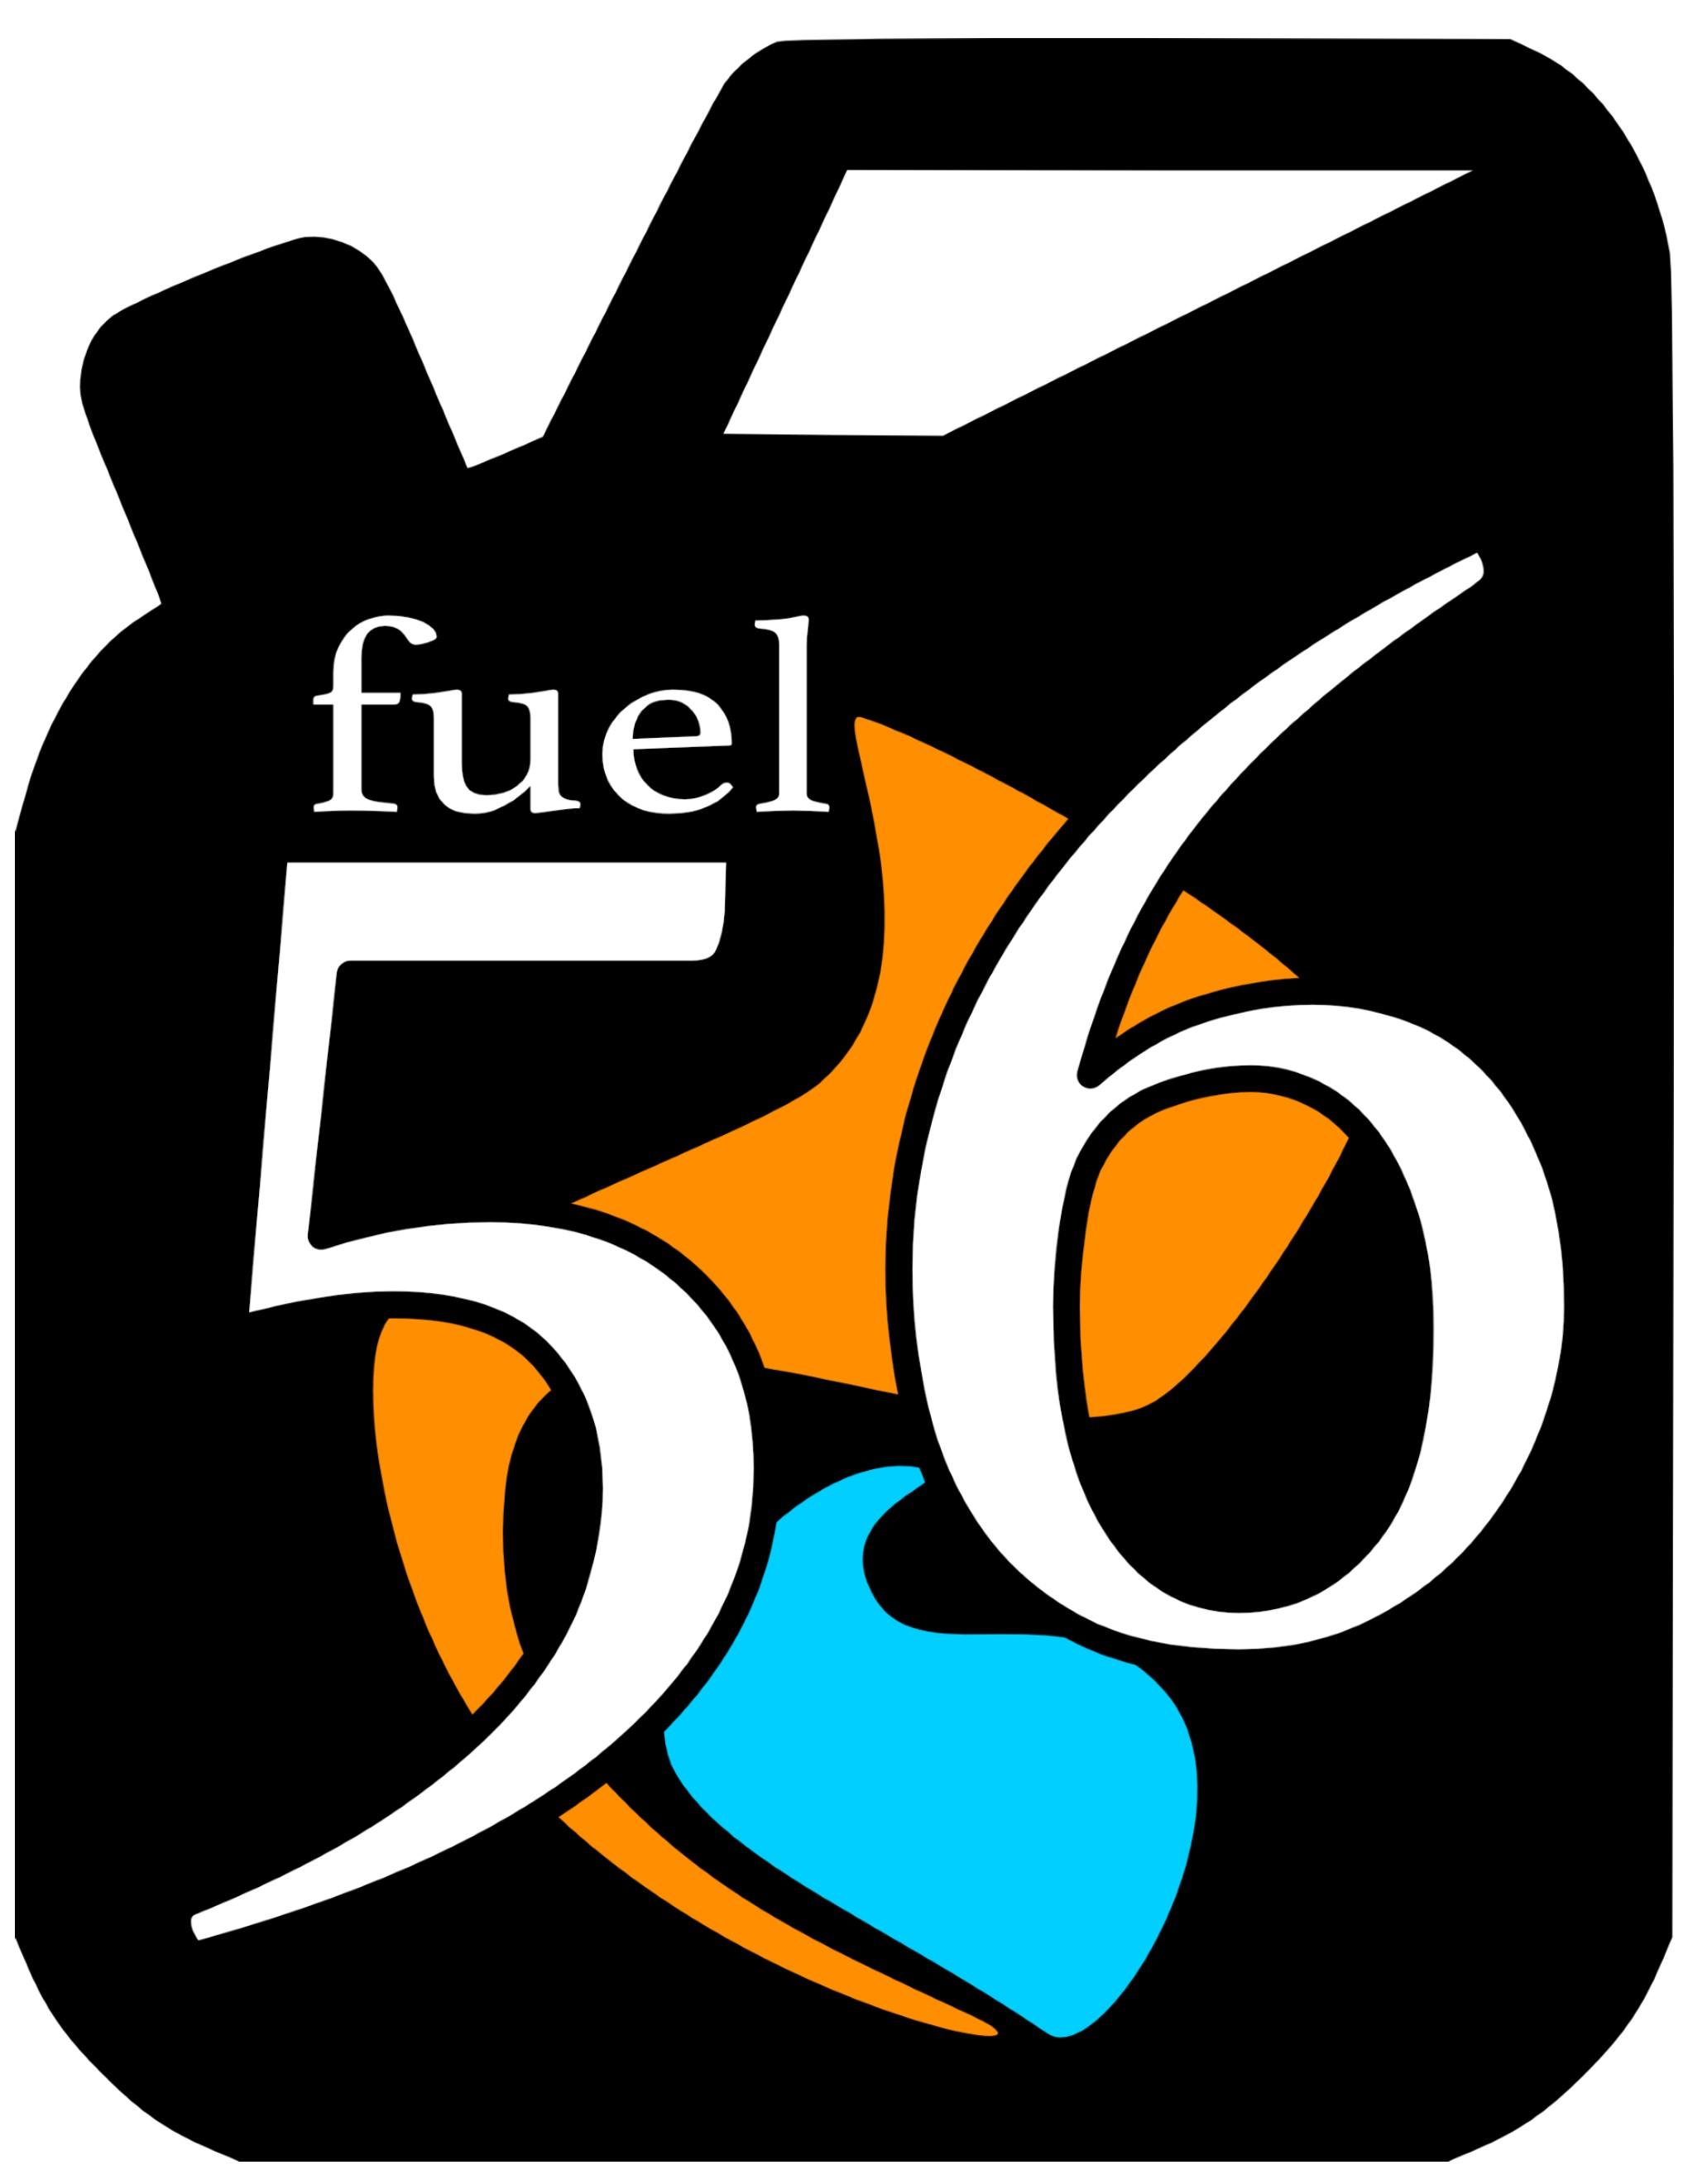 fuel 56.jpg